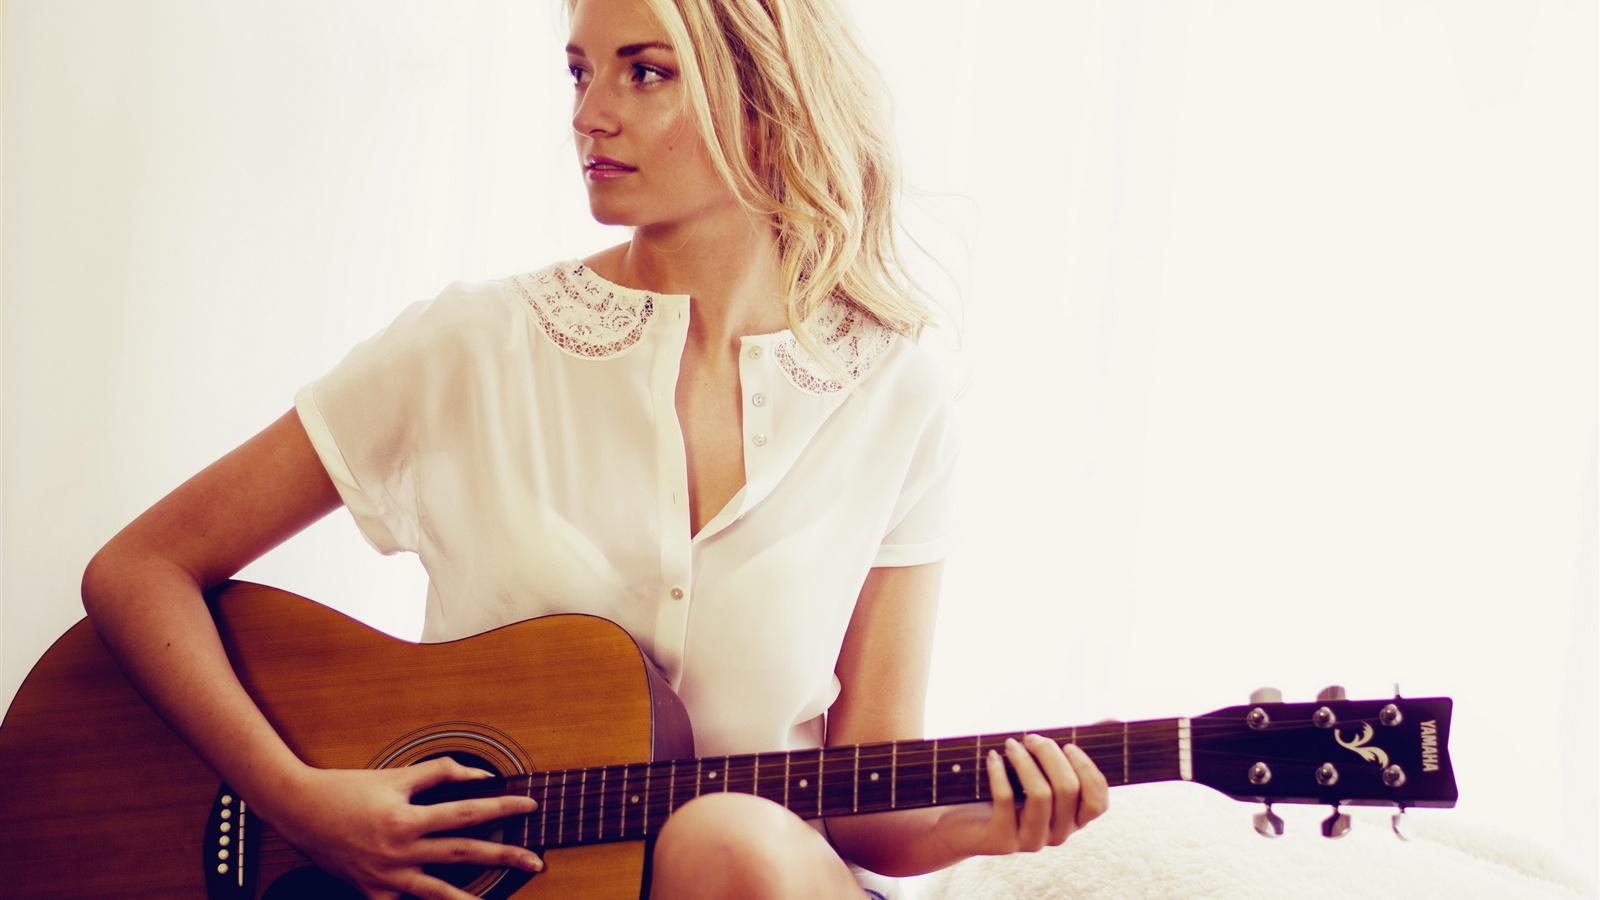 ギターの女の子、白いドレス、金髪 壁紙 1600x900